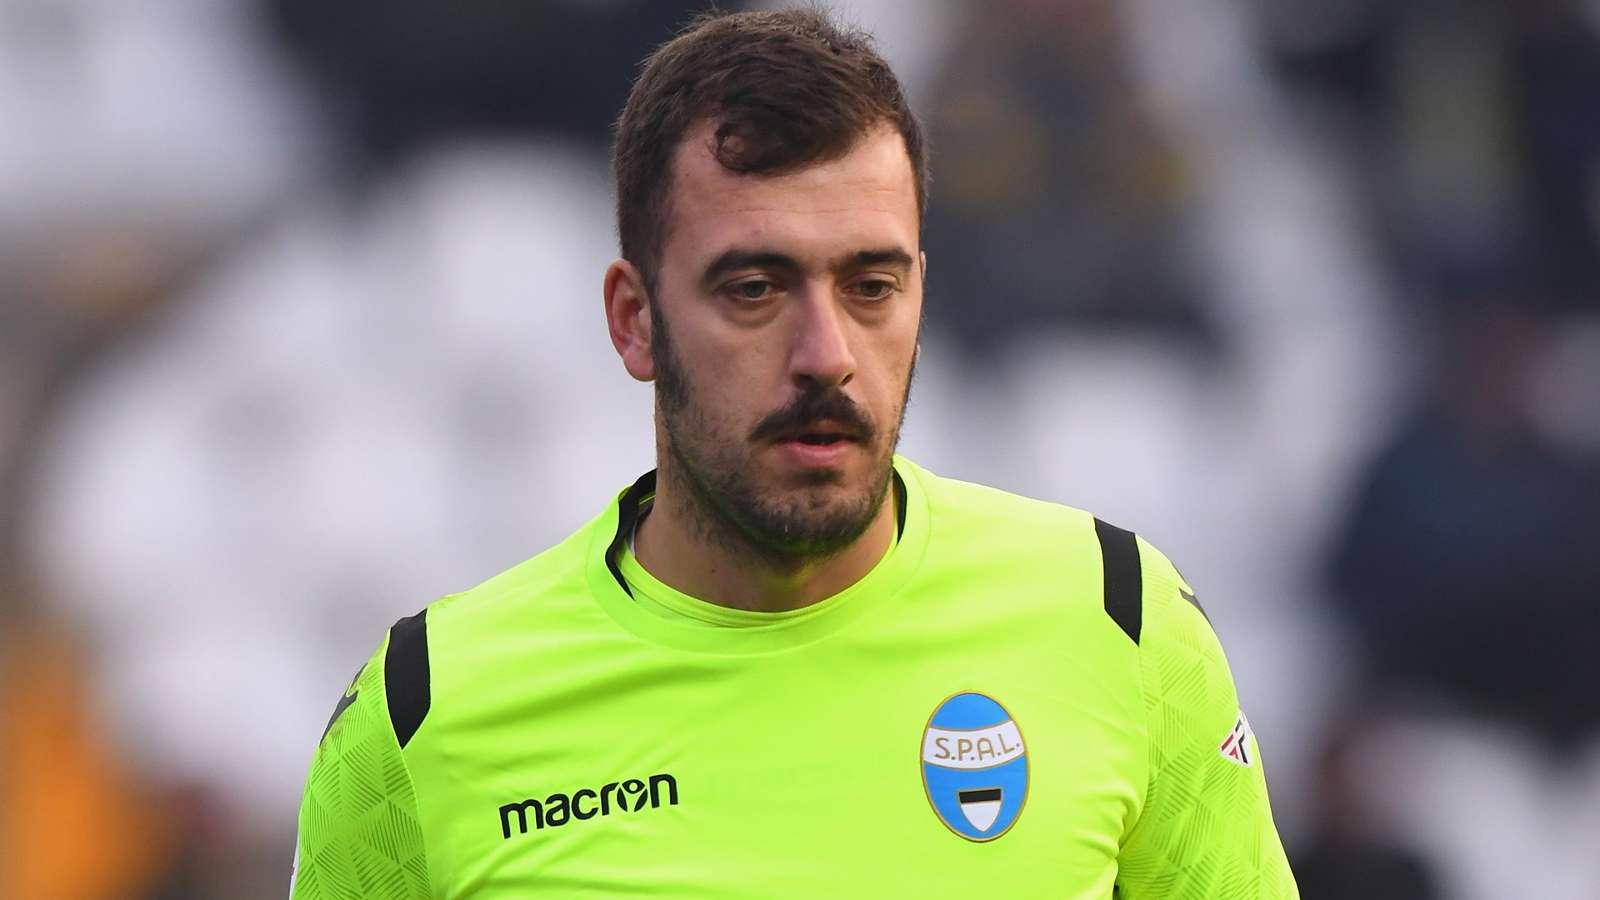 Goal:如果雷纳离队,米兰的首选将是免签维维亚诺